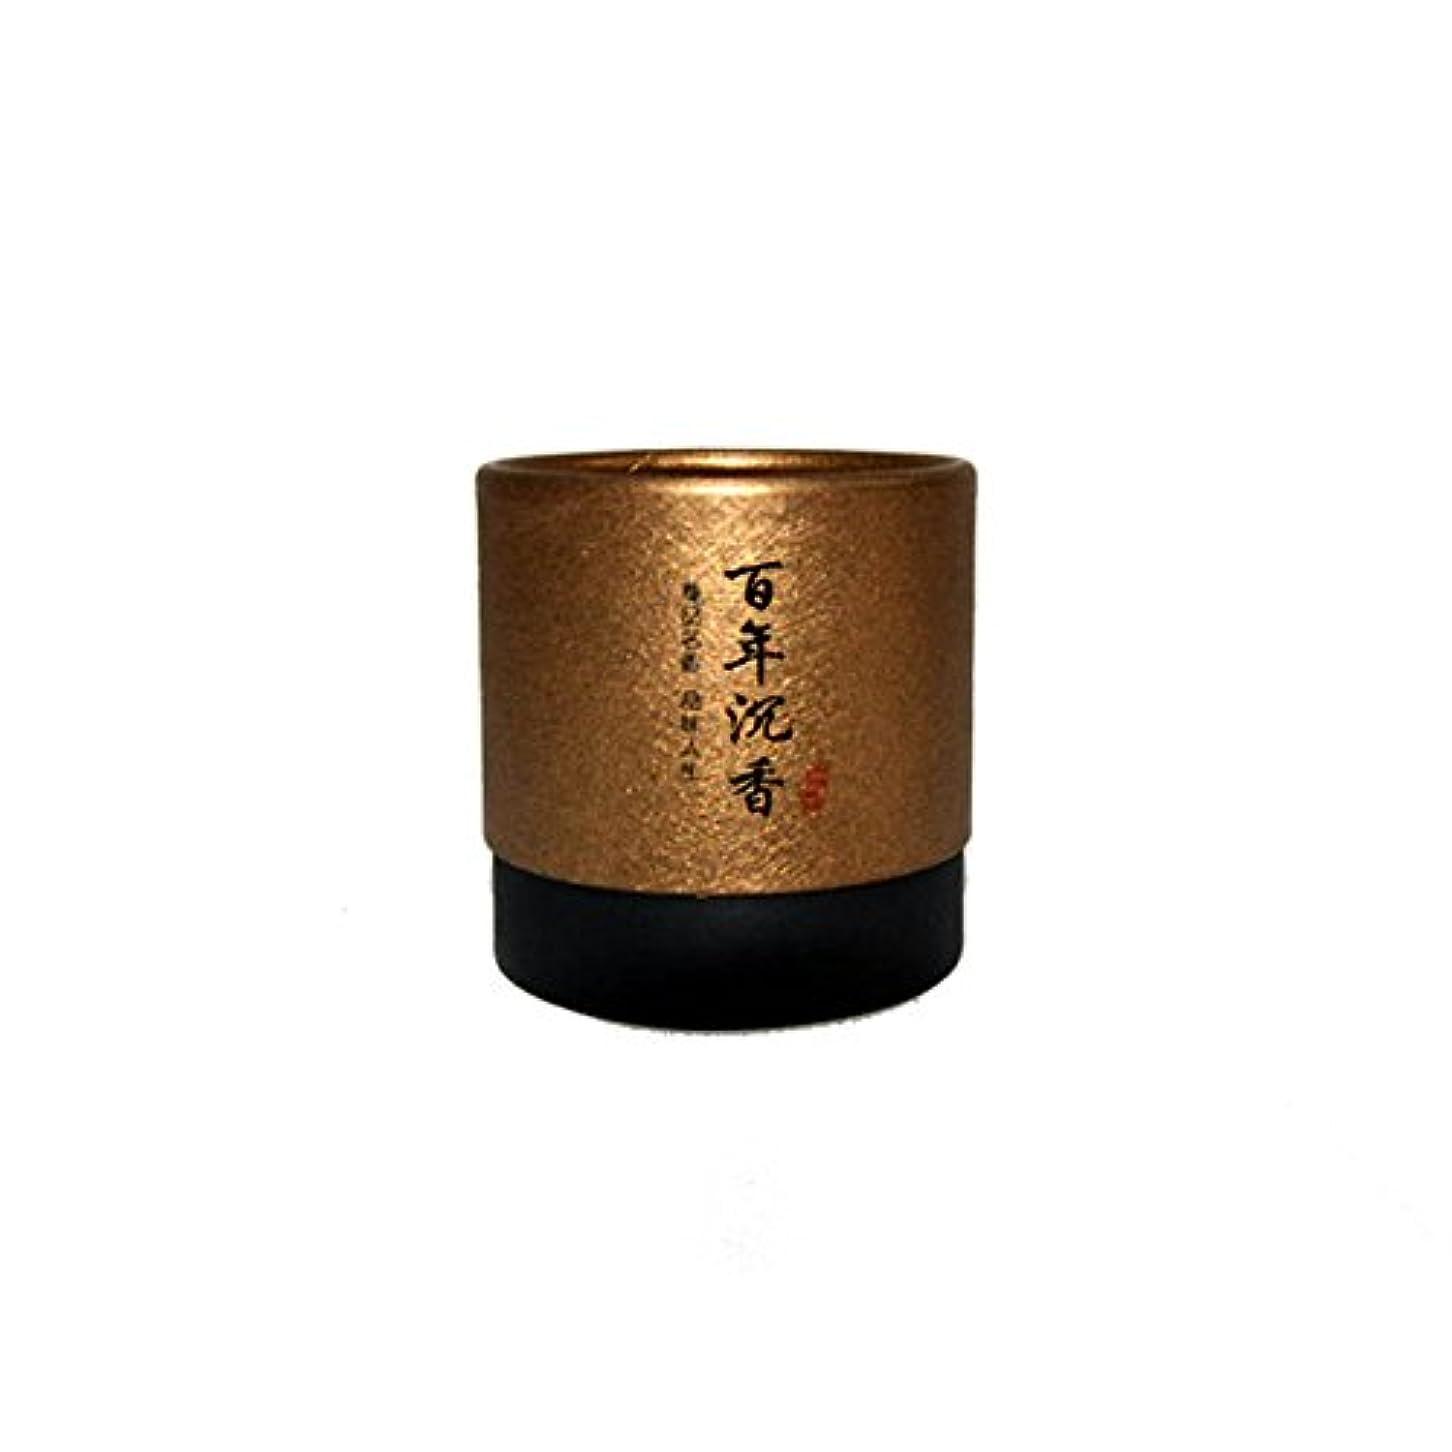 富センサー導入する天然仏香; ビャクダン; きゃら;じんこう;線香;神具; 仏具; 一护の健康; マッサージを缓める; あん摩する